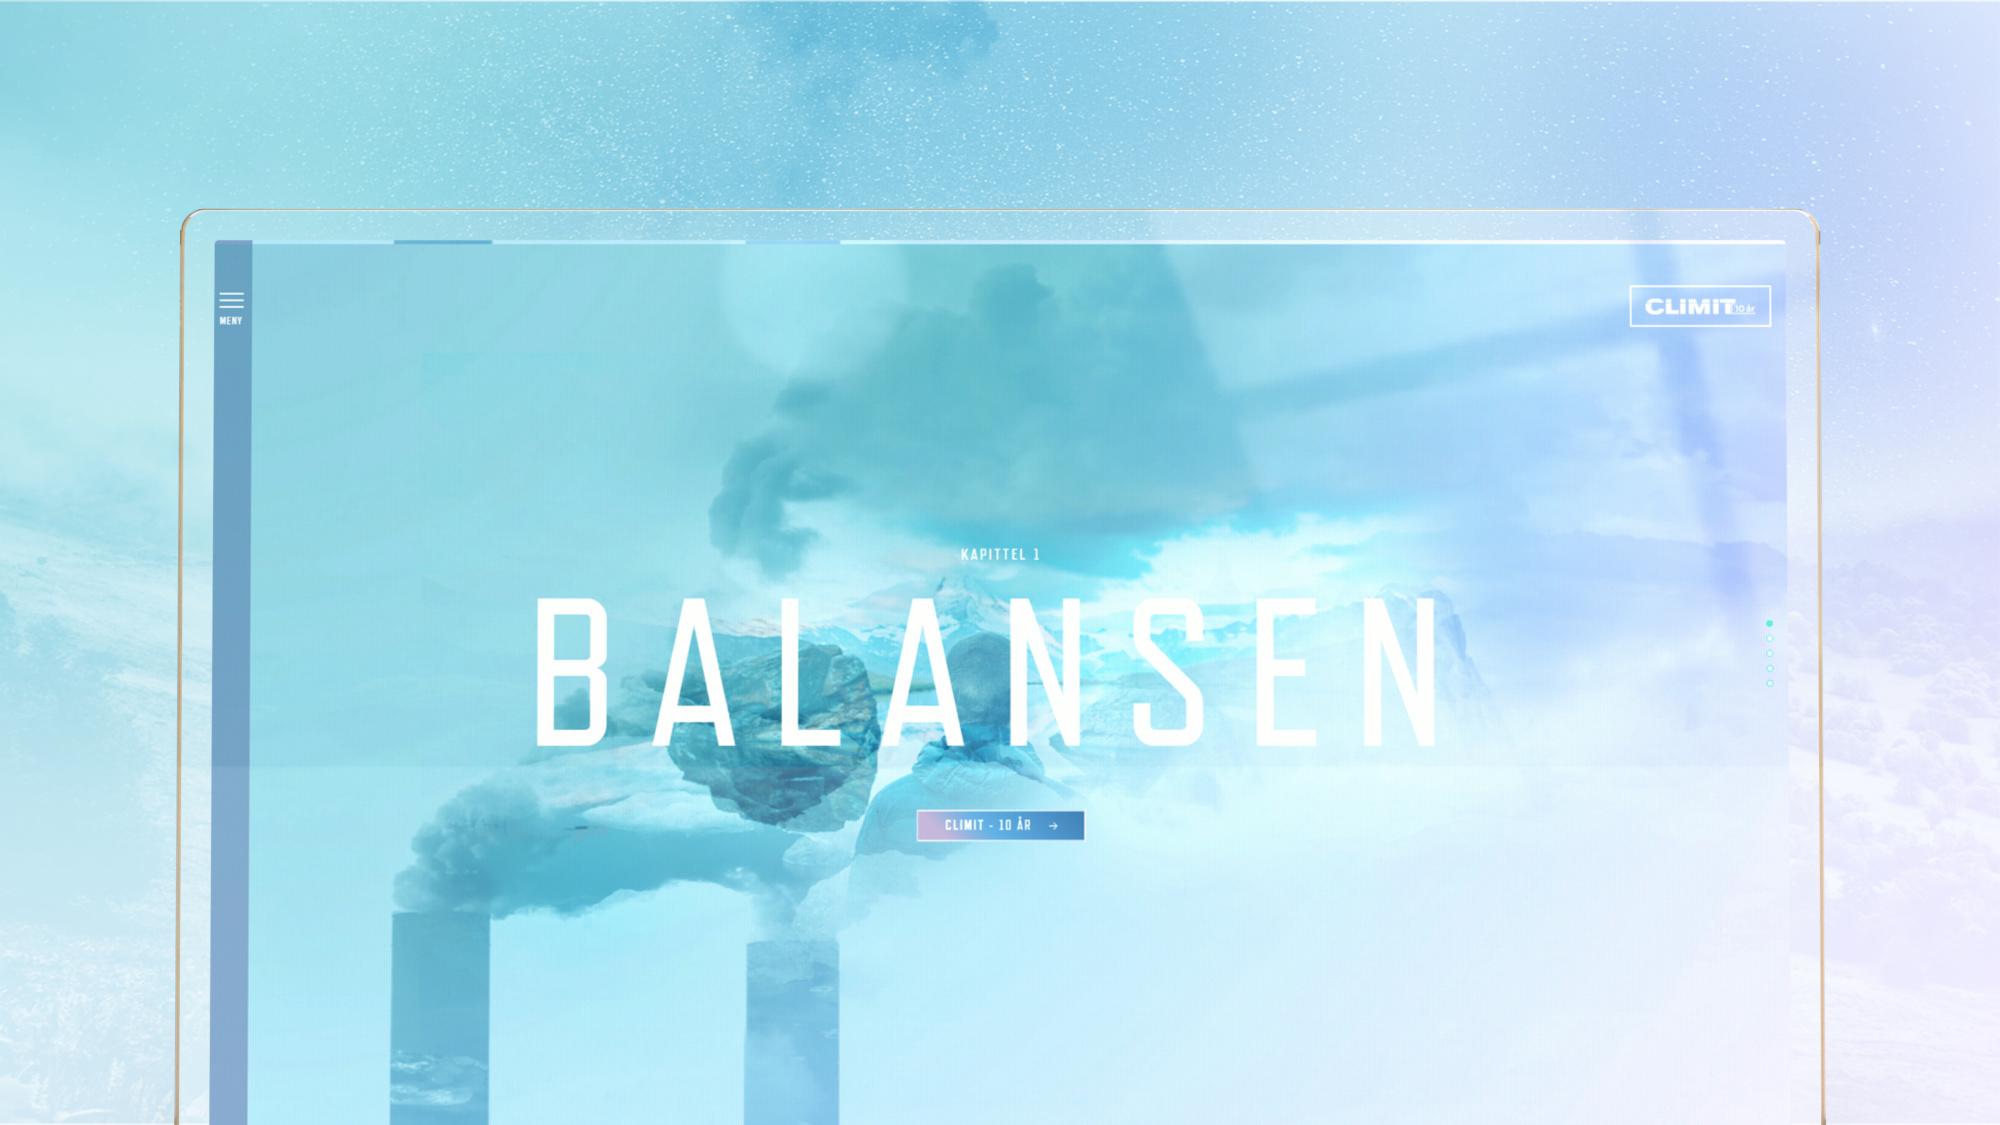 åpningsbildet på kampanjesiden som viser en himmel med dobbelteksponerte fabrikkpiper i horisonten